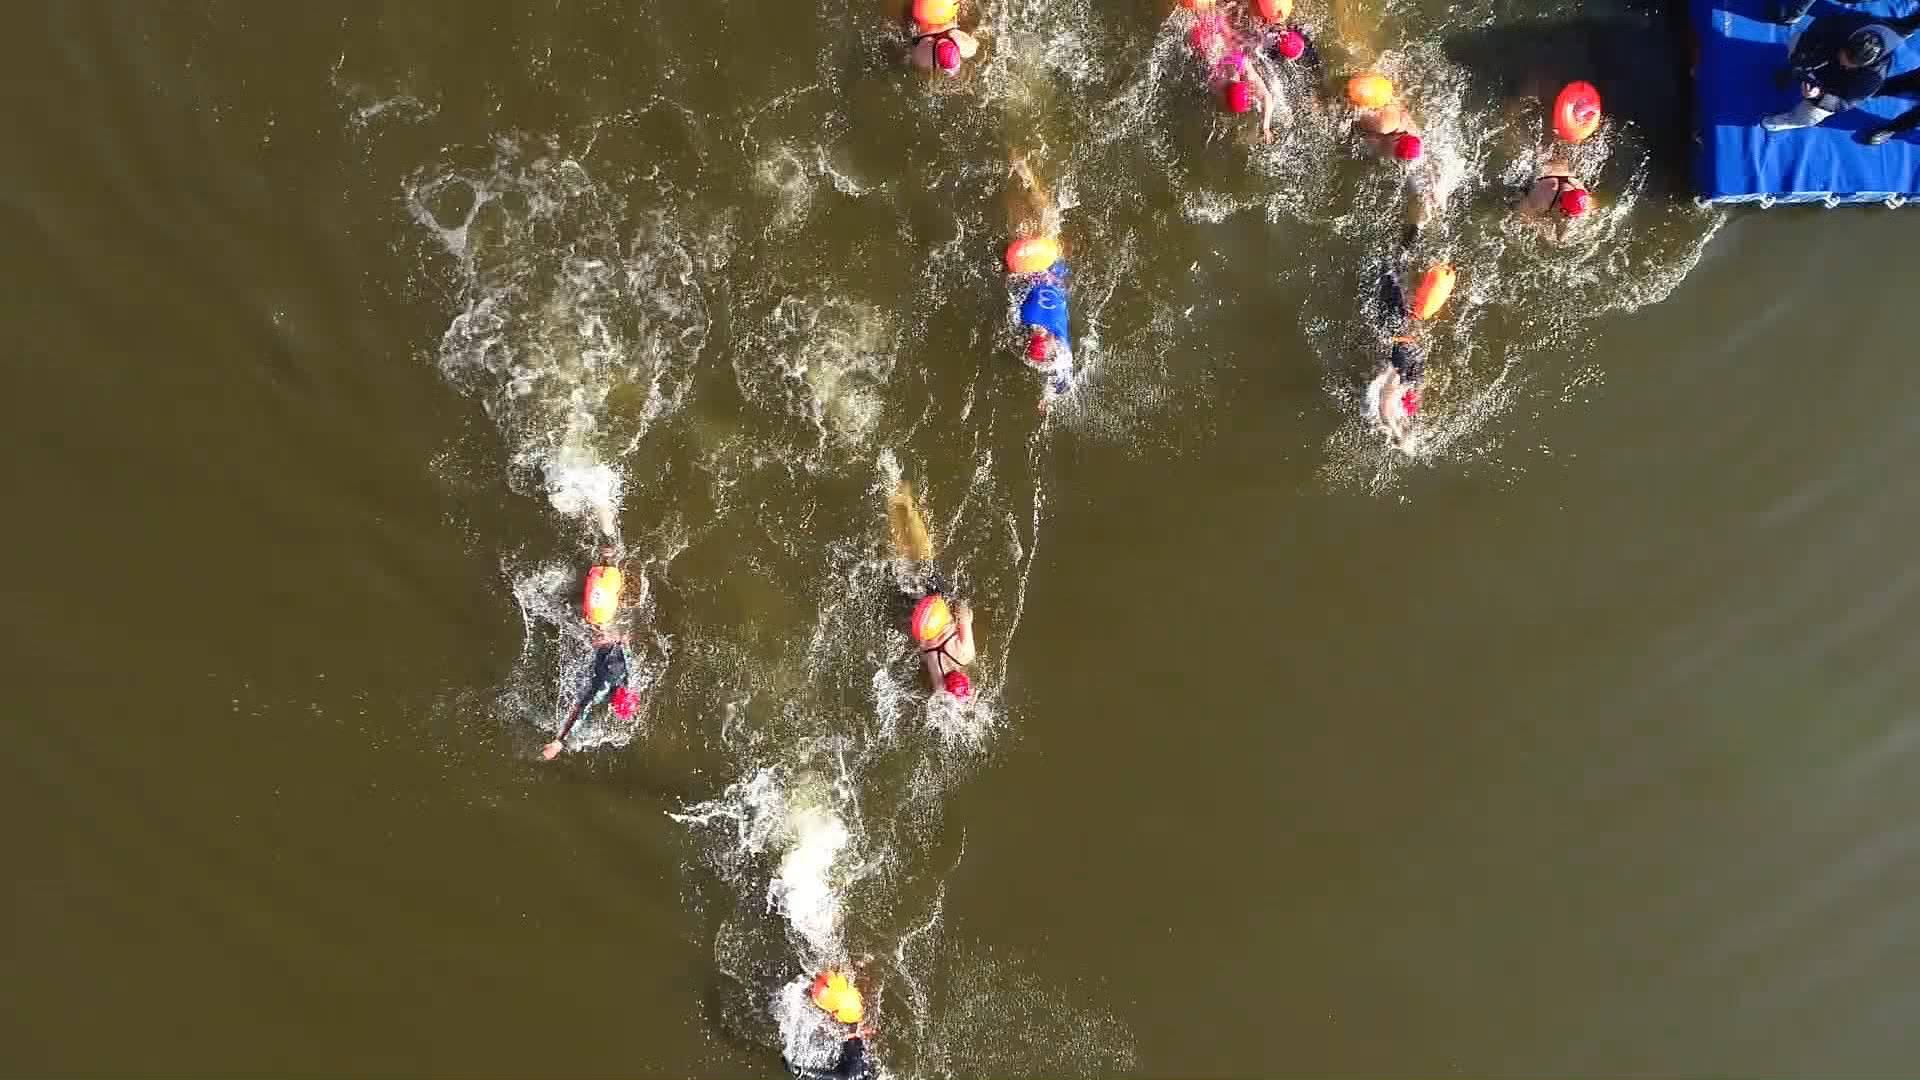 70秒丨148名冬泳爱好者齐聚枣庄 在古运河上竞速角逐